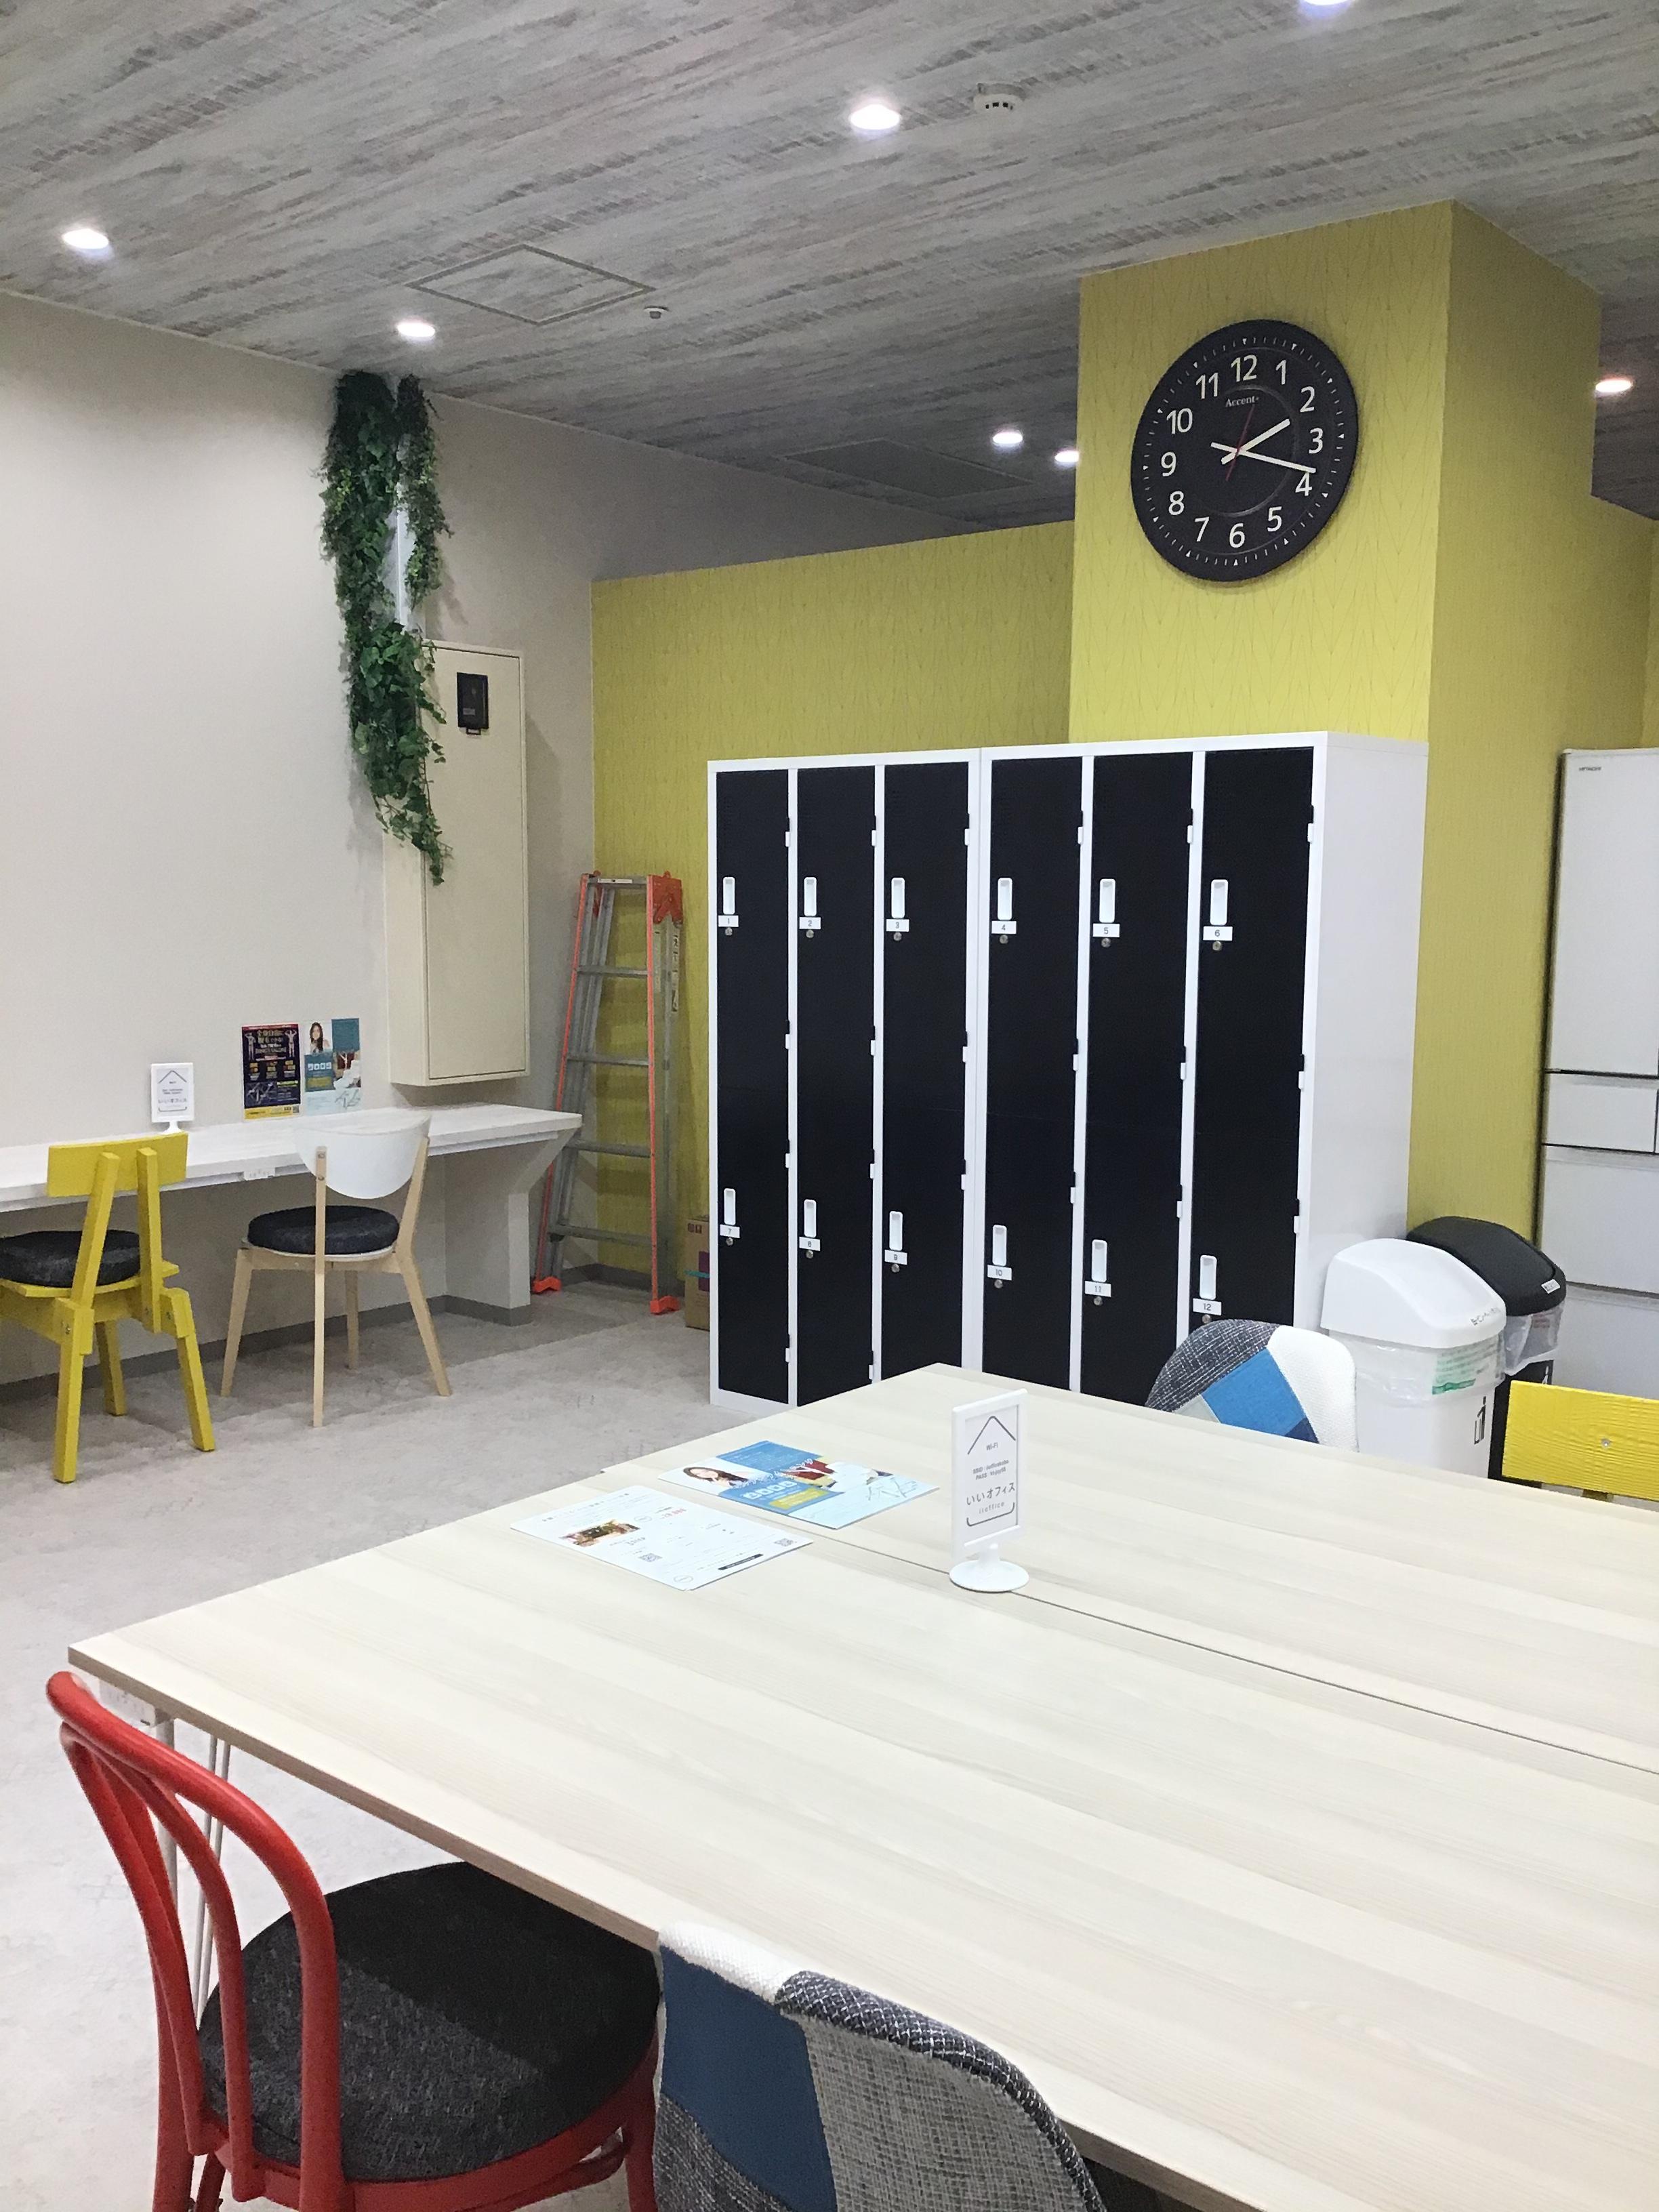 ロッカー完備 - いいオフィス神戸byKT-joy 多目的スペース・セミナー会場の室内の写真